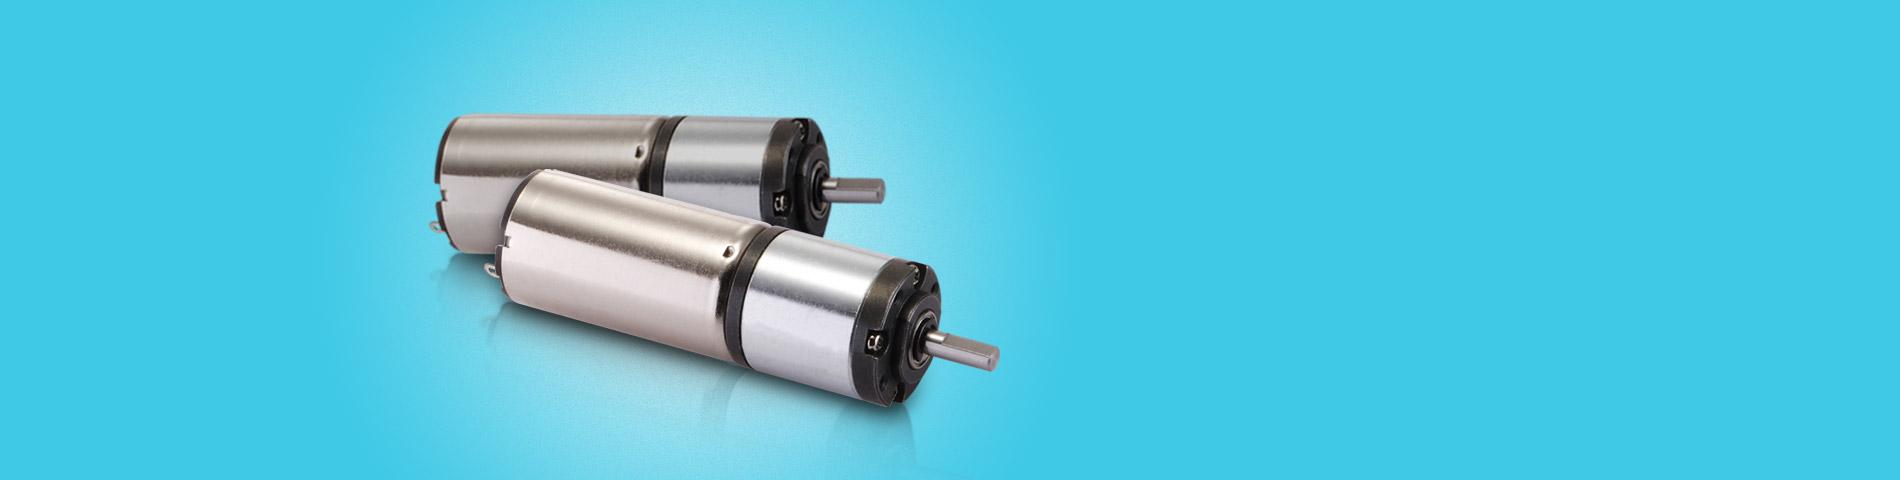 Wykonujemy motoreduktory prądu stałego Ponad 20 lat